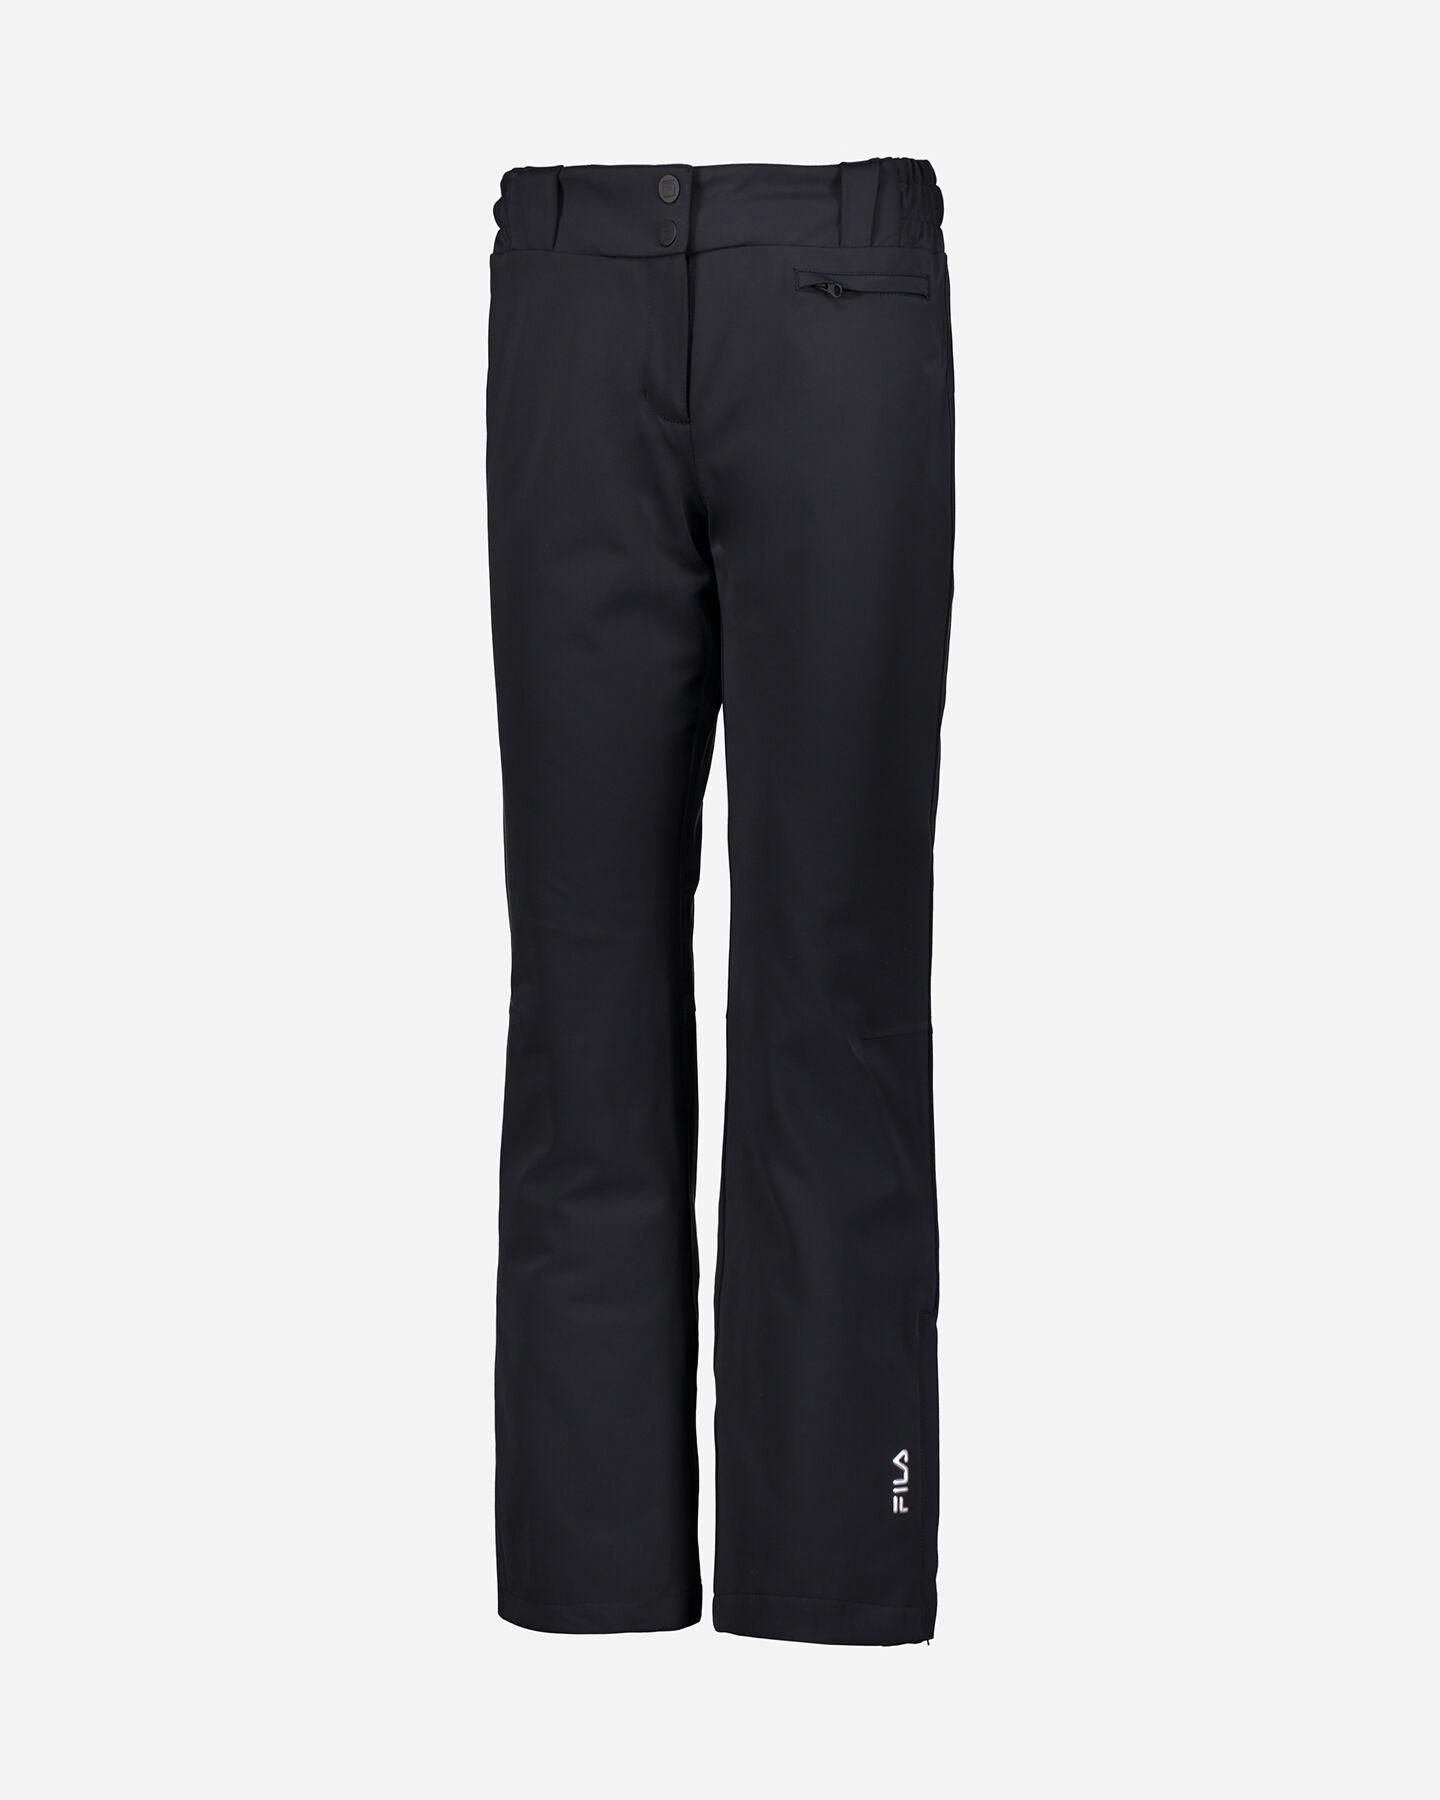 Pantalone sci FILA SKI TOP W S4058829 scatto 4